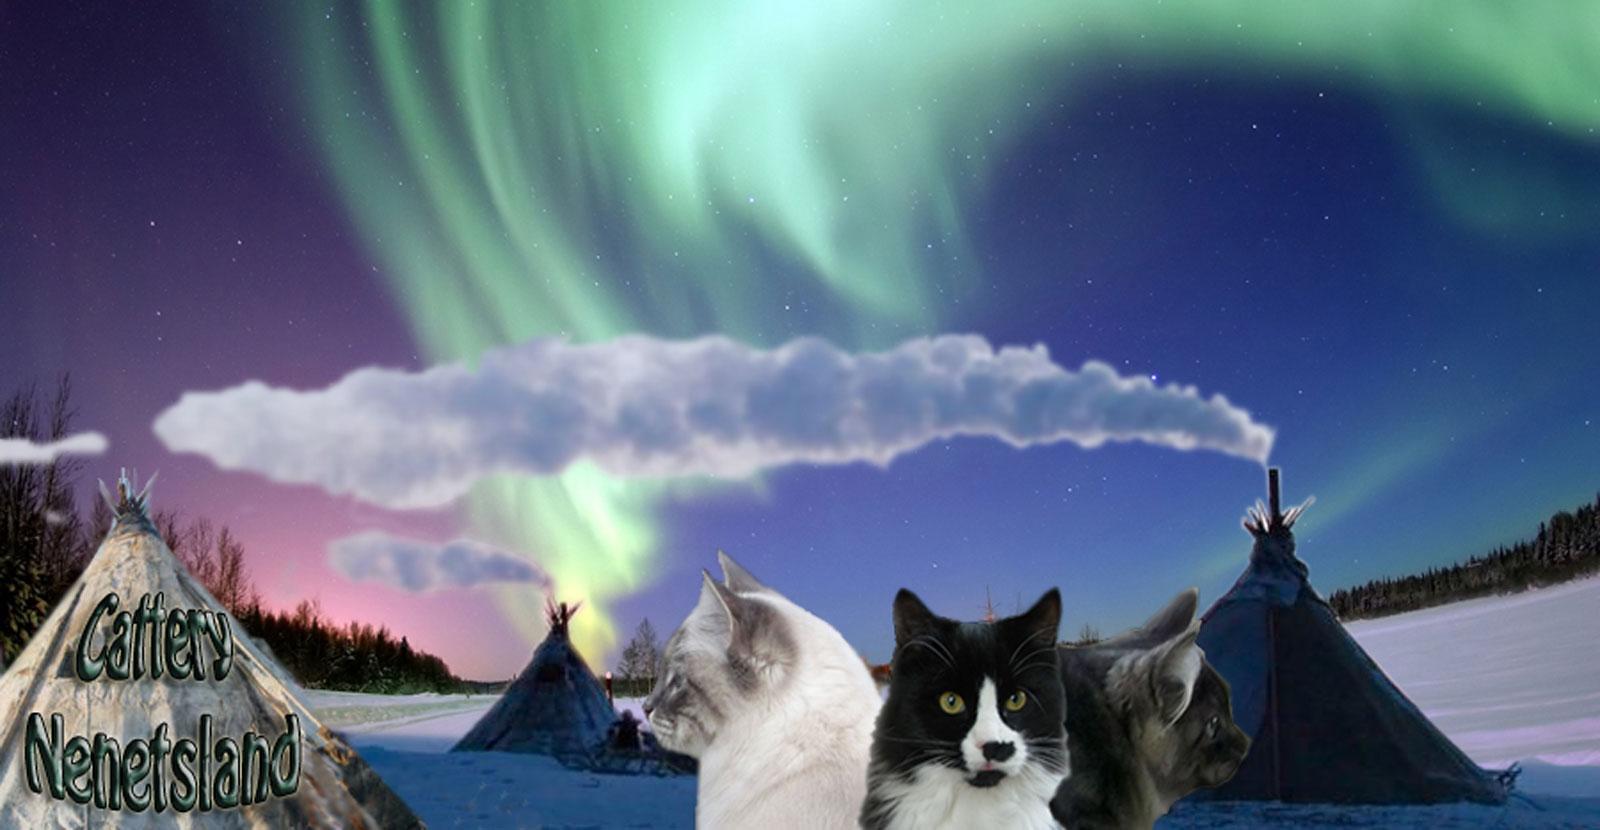 Nenetsland